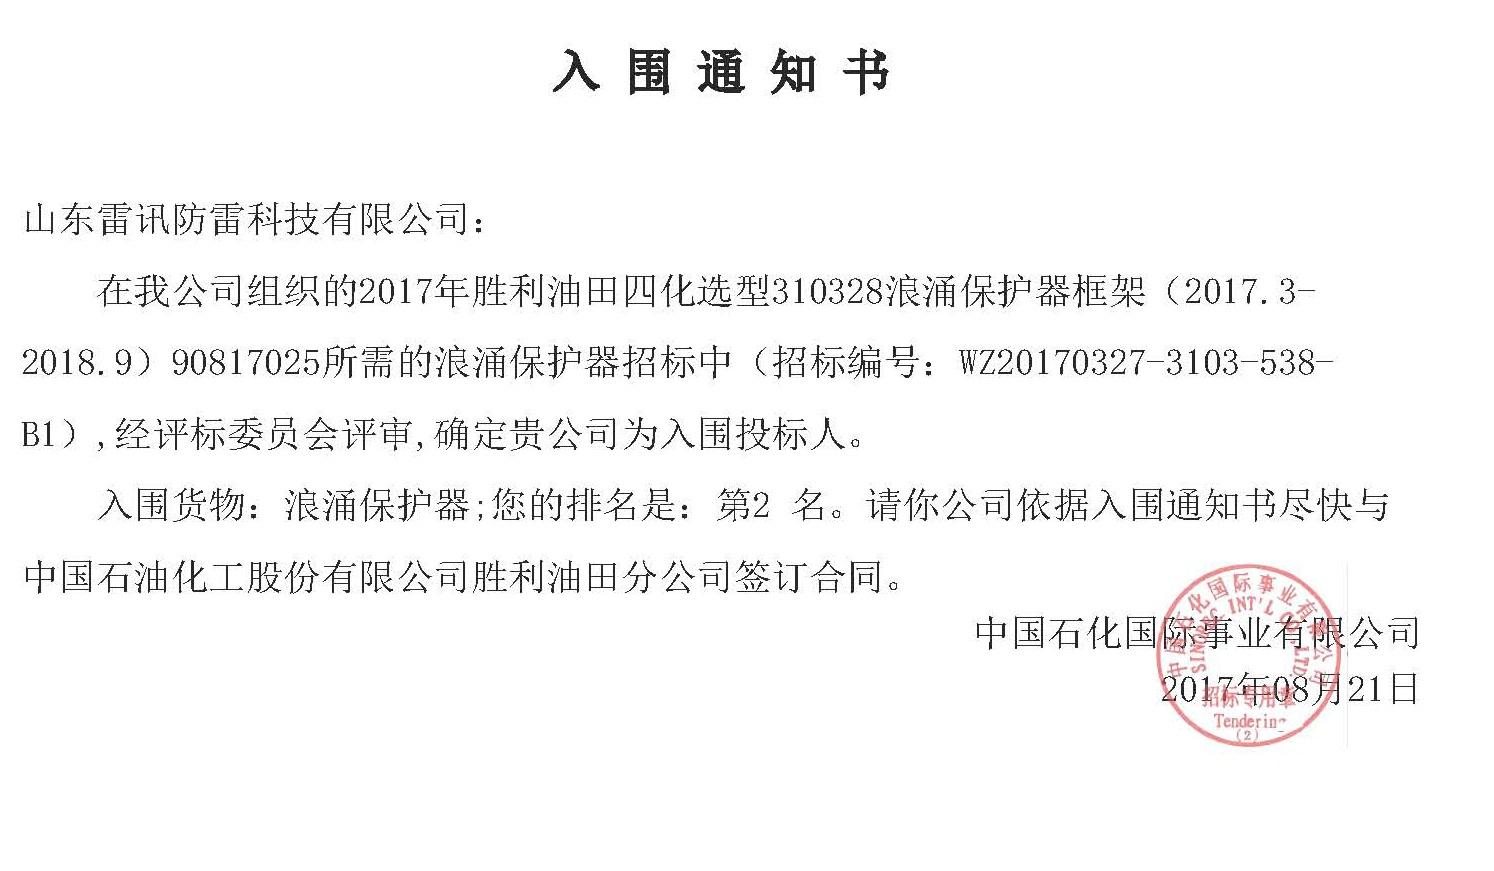 中国石化胜利油田分公司浪涌保护器入围通知书_看图王.jpg